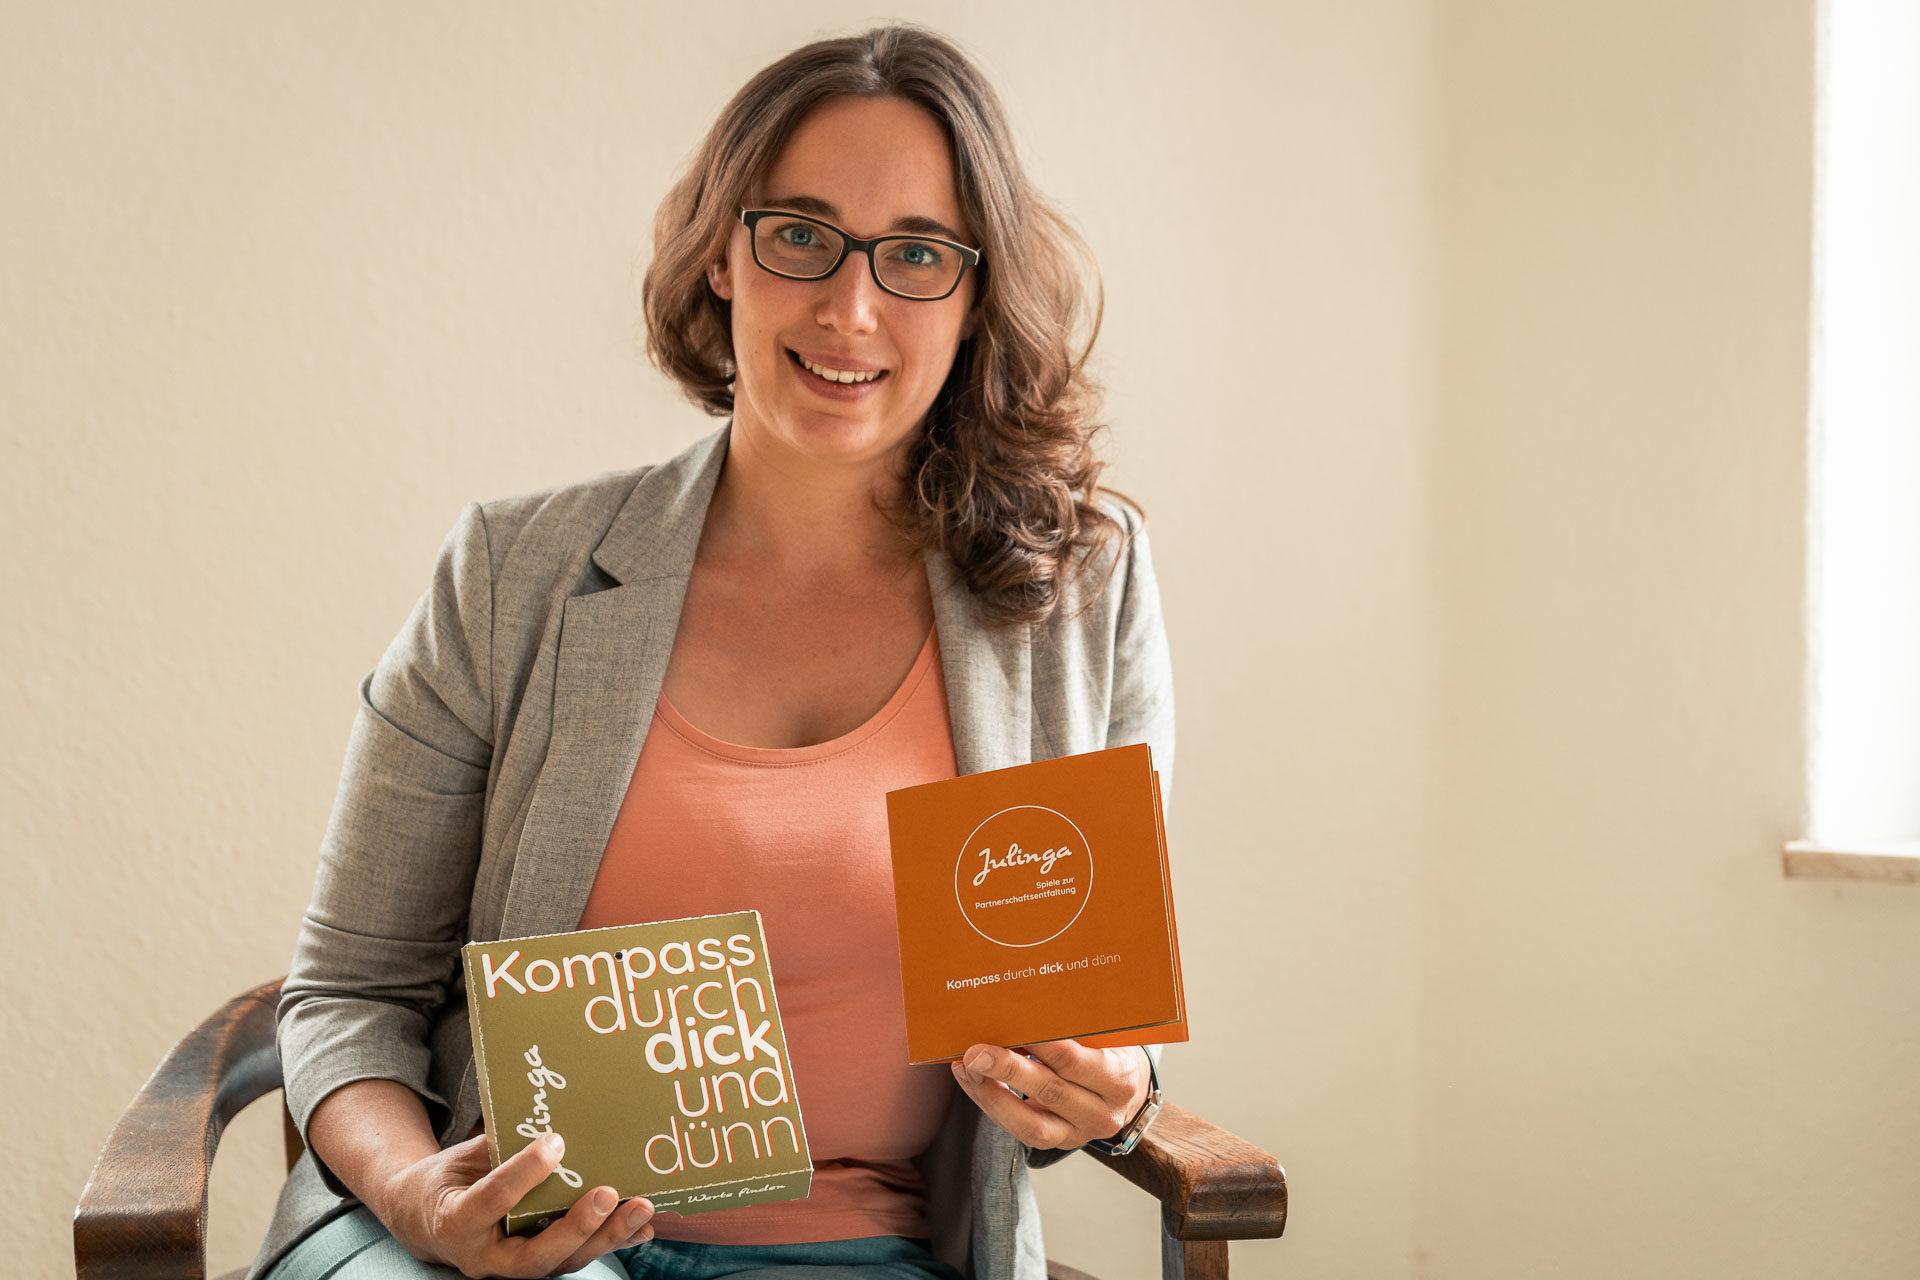 Interview mit Julia Lüpfert Gründerin von Julinga. Wie es möglich ist glückliche Beziehungen zu führen und warum wir Zeit ohne digitale Ablenkung brauchen.